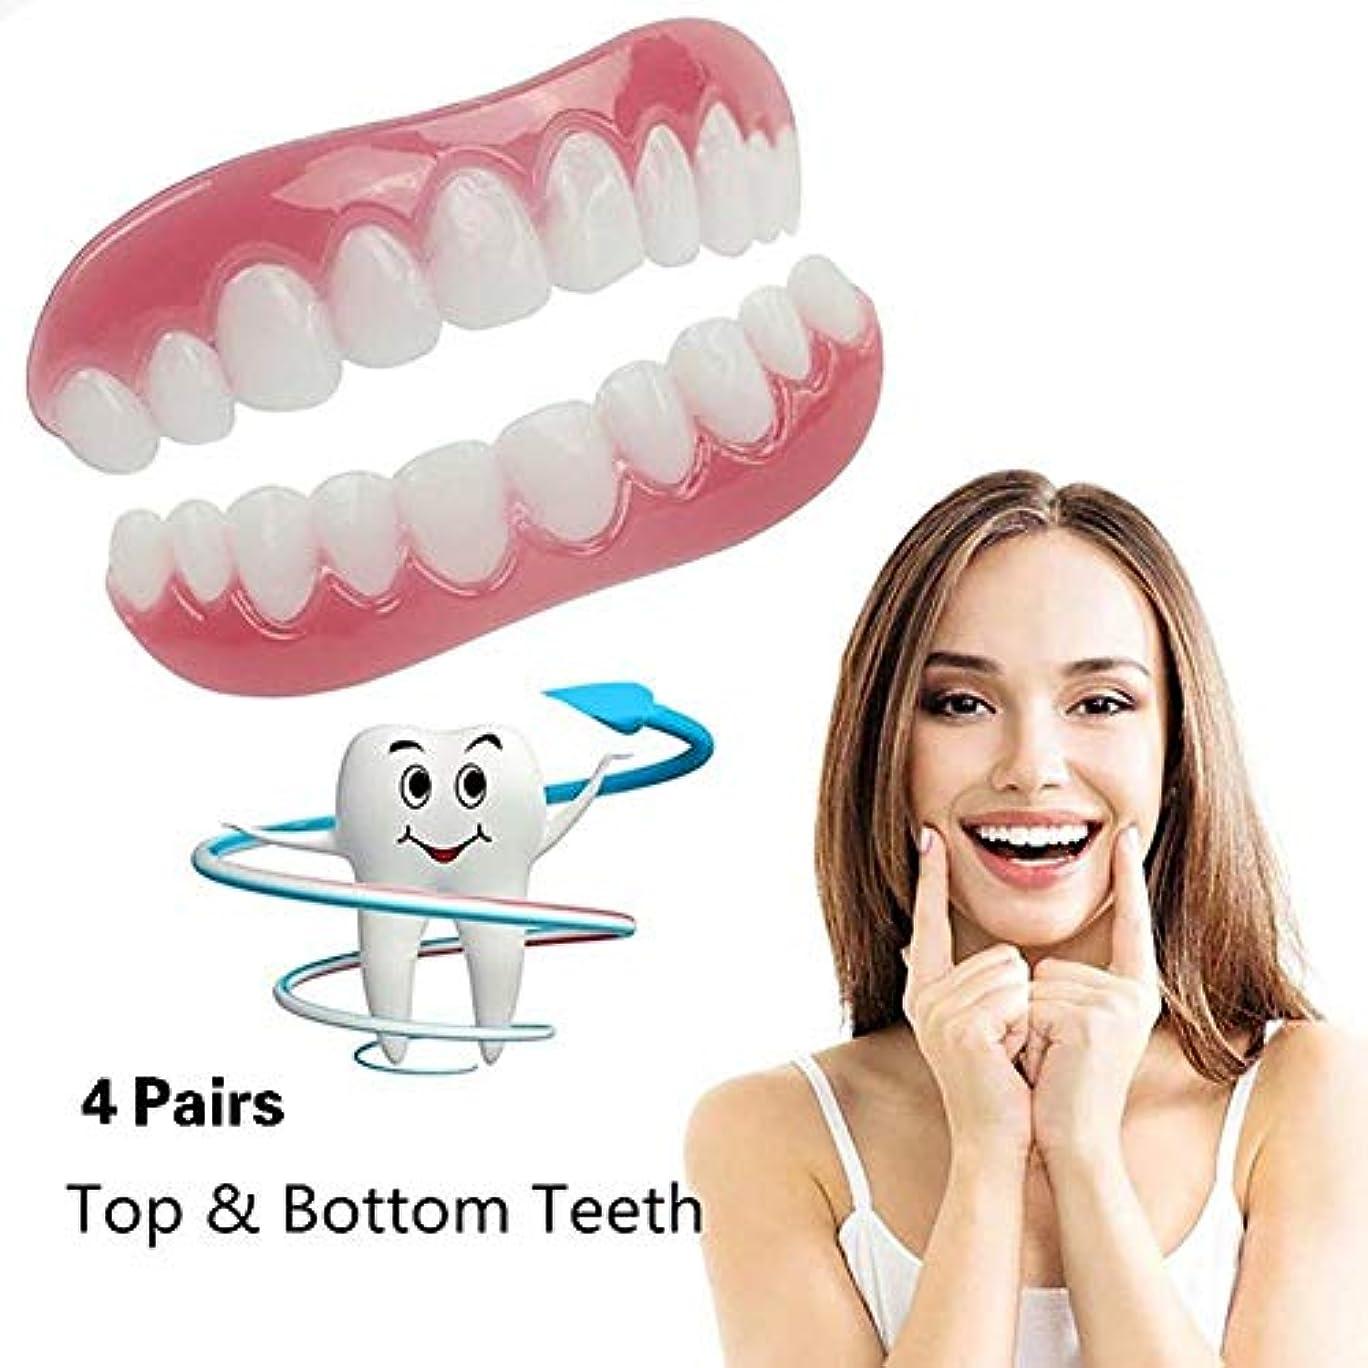 翻訳する先駆者イソギンチャク8本のシリコーンの歯のベニヤ化粧品の歯のスナップオンセキュアアッパーローフレックス歯科用ベニヤ義歯ケアホワイトニングパーフェクトトゥースワンサイズフィットすべて